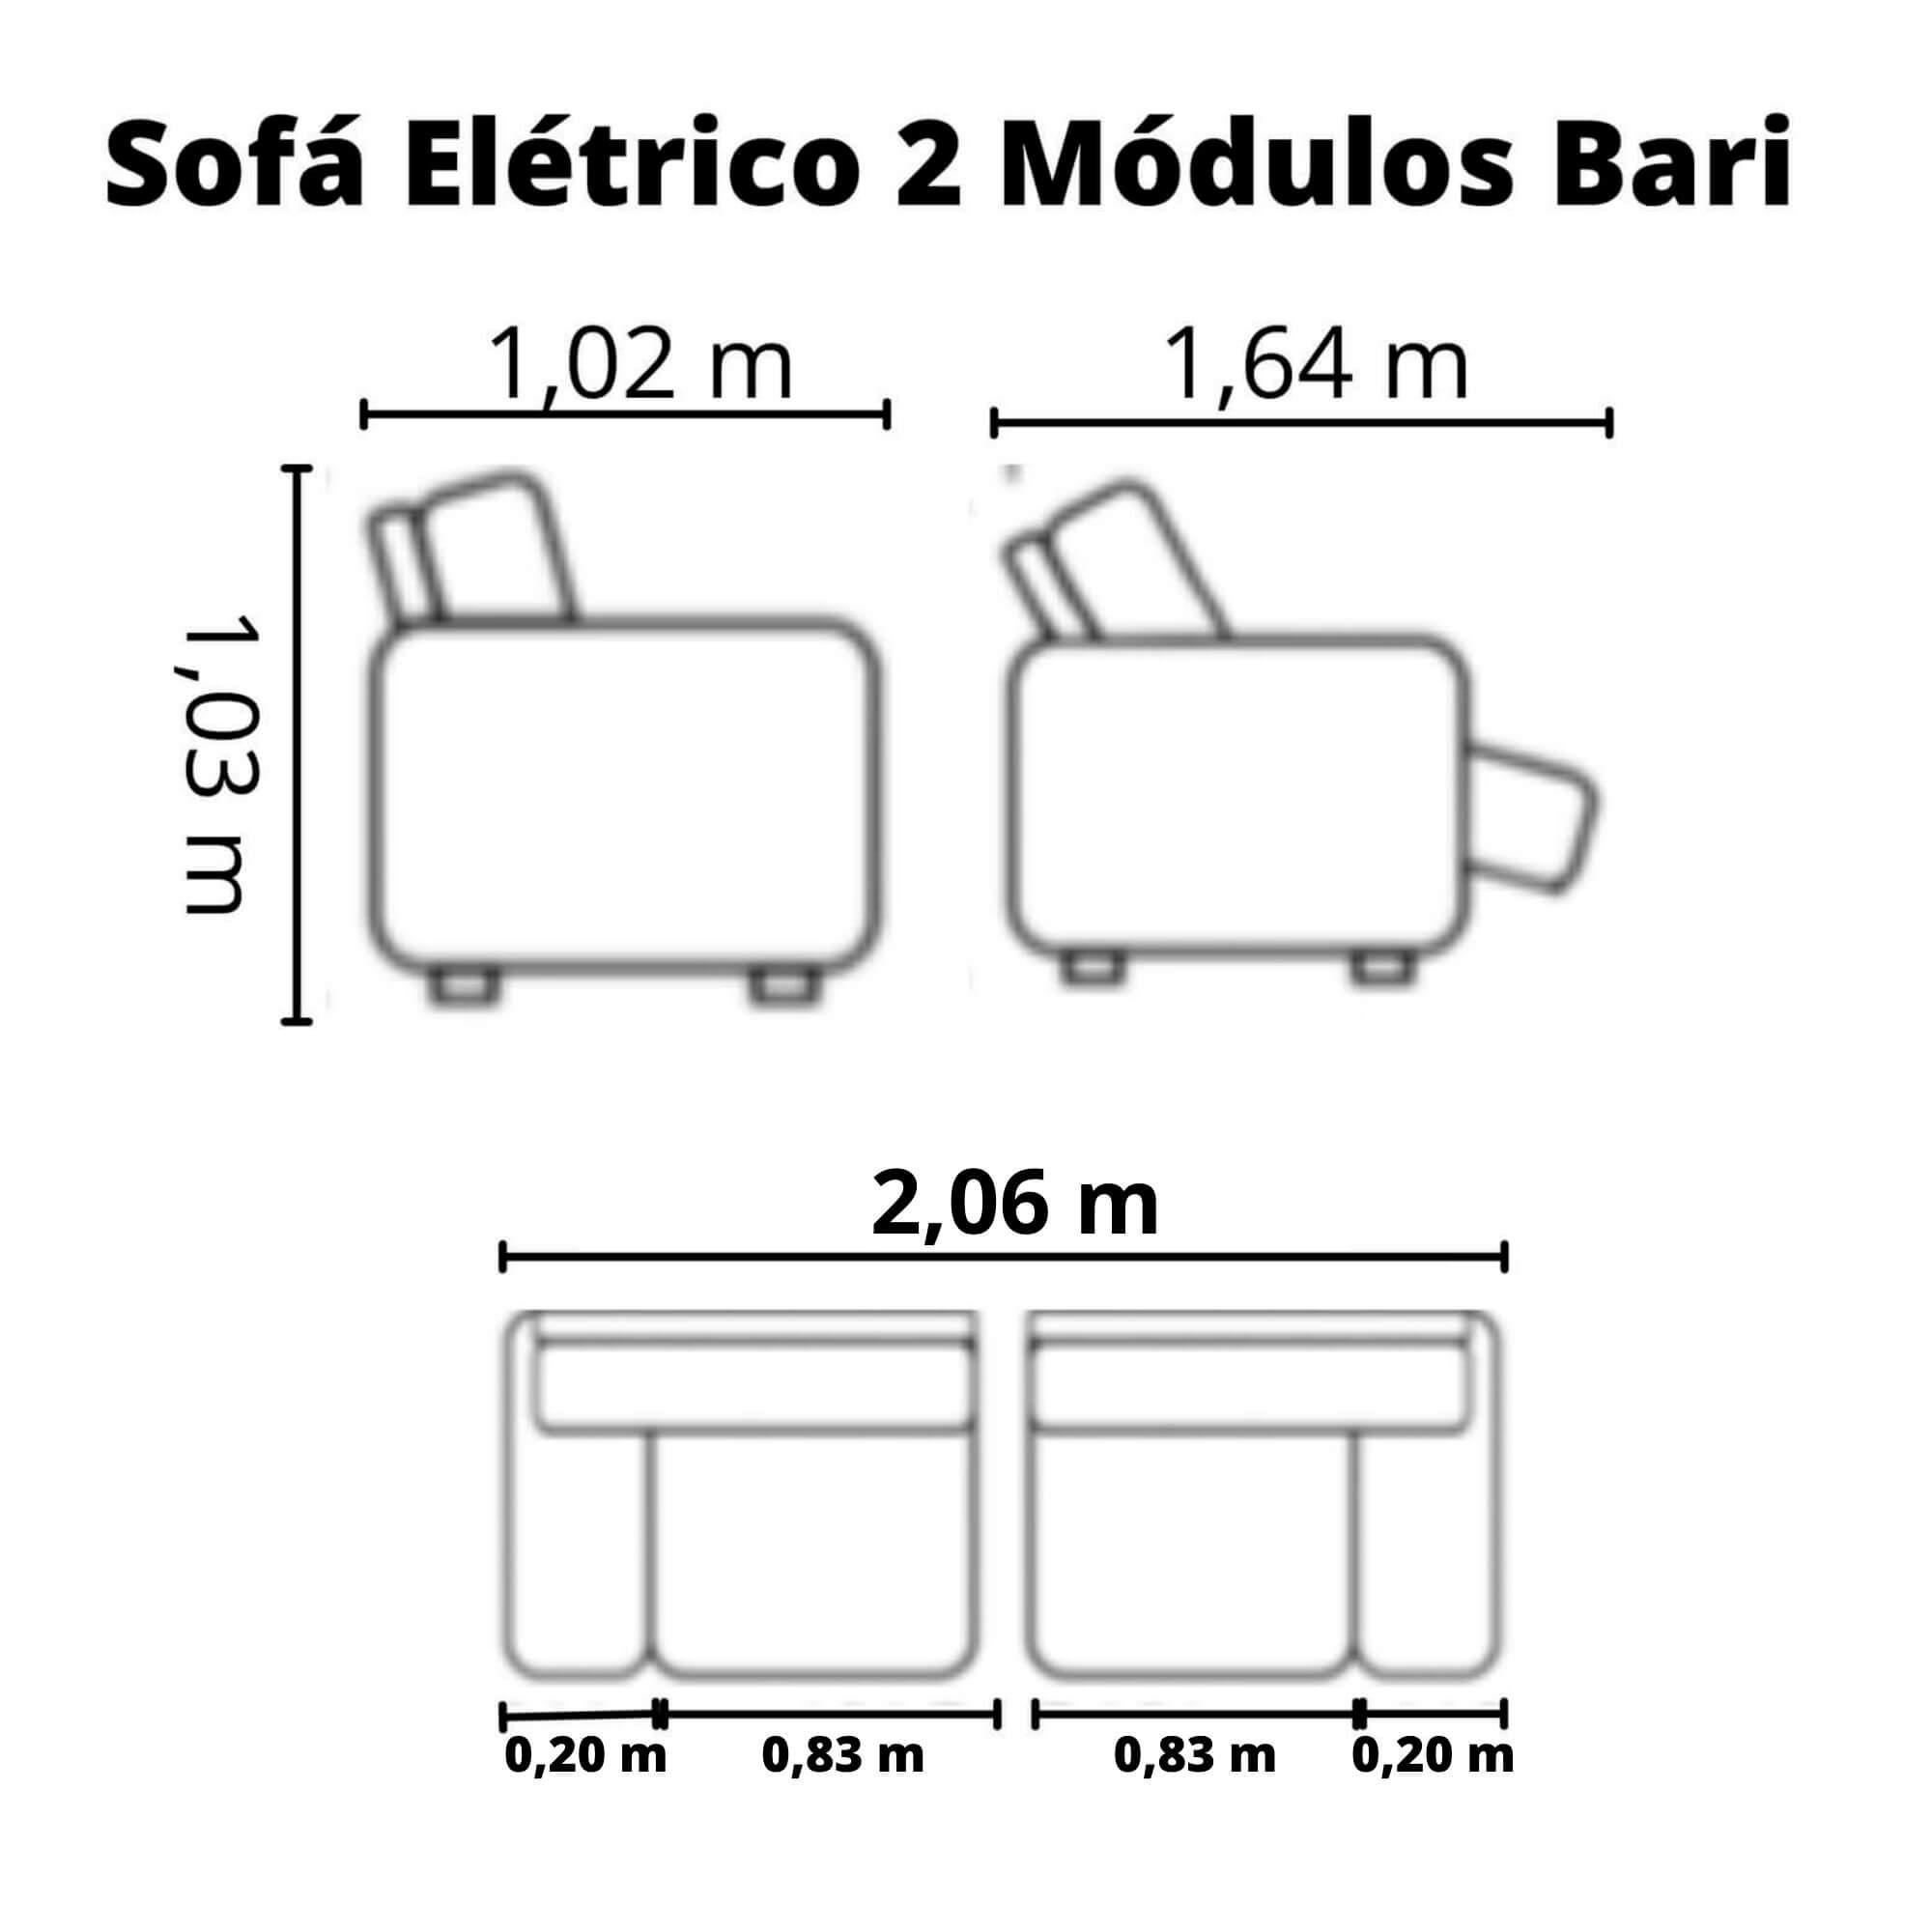 Sofá Retrátil Elétrico de Couro 206cm - Bari Grey Light